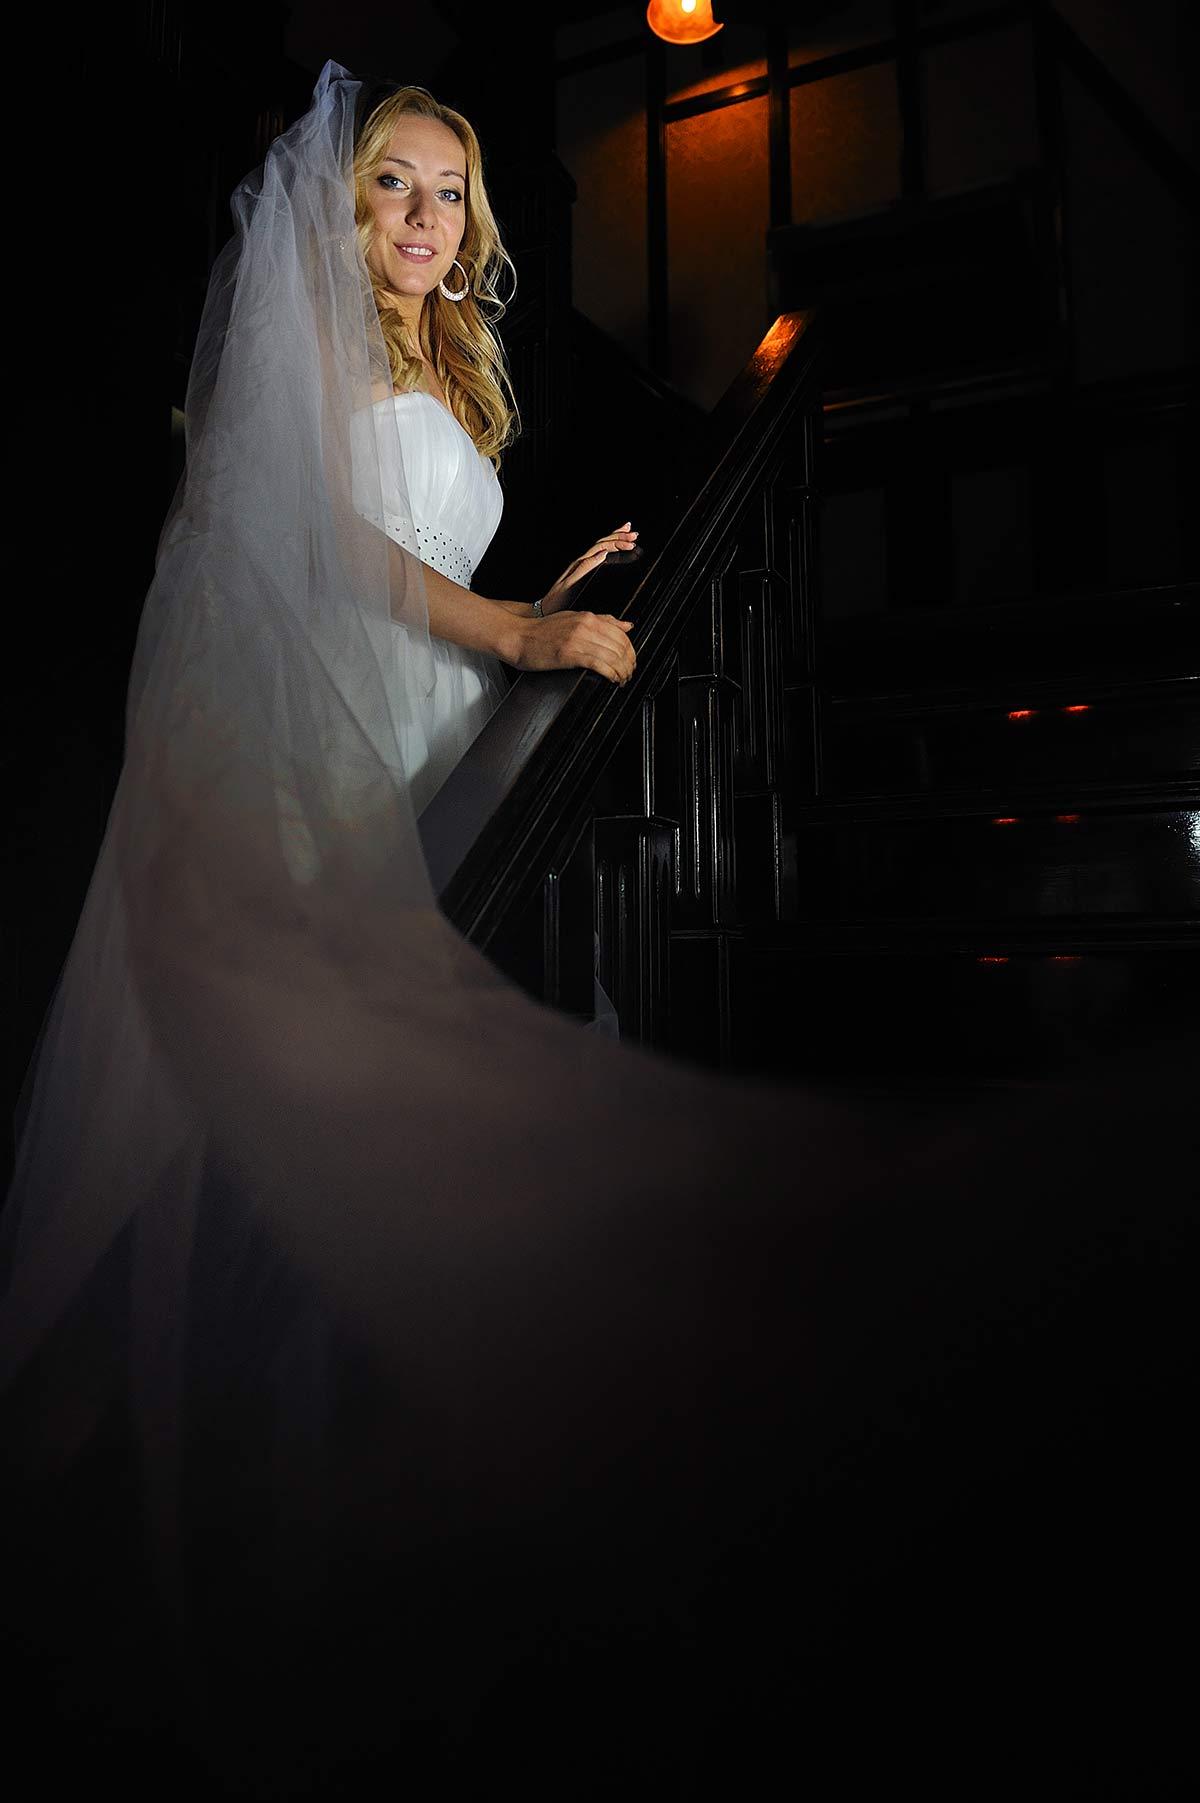 Fotograf Bacau, fotografi nunta Bacau, fotograf profesionist